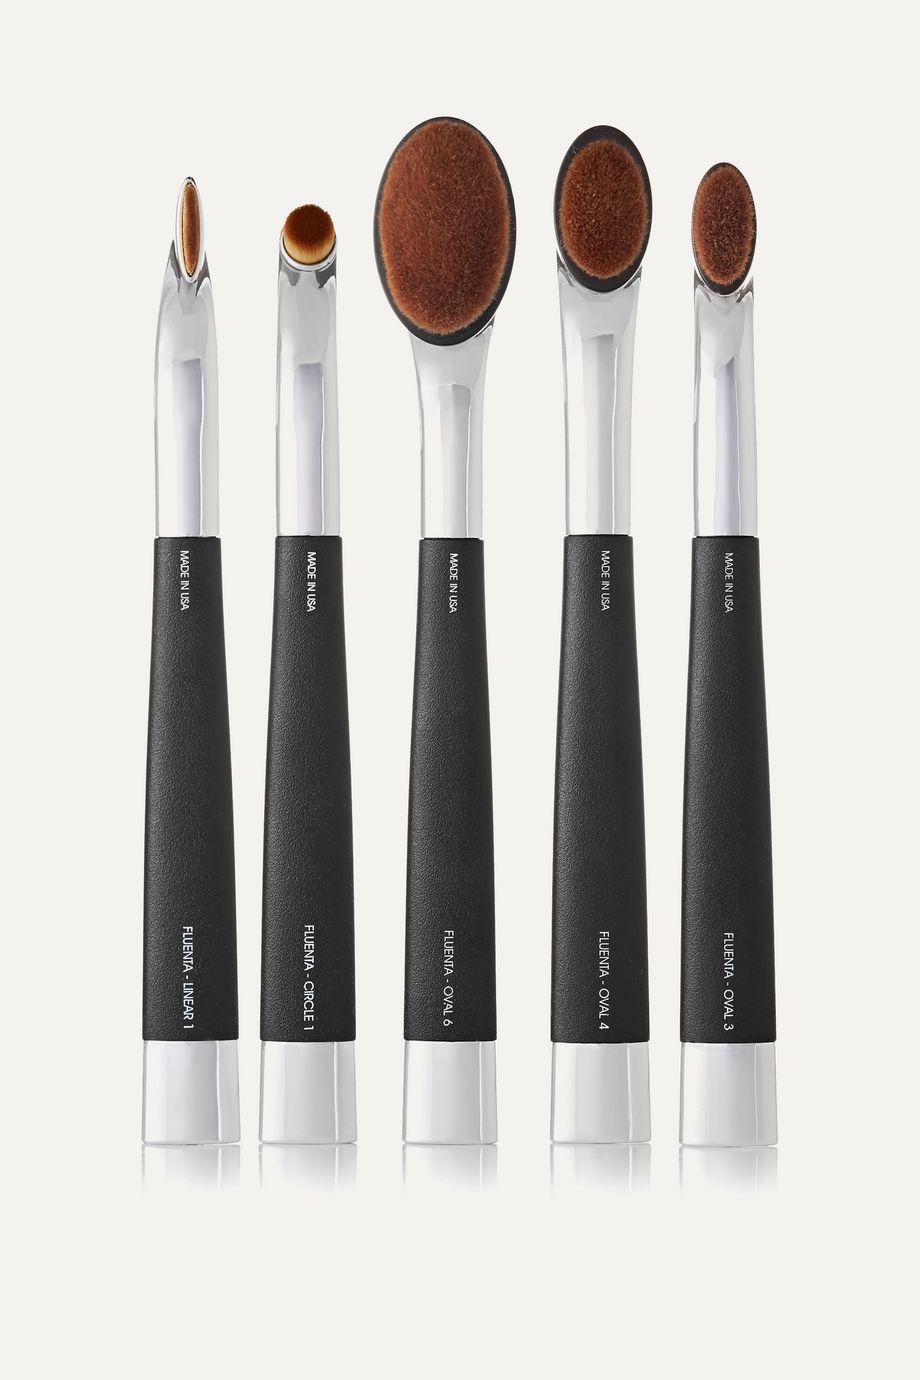 Artis Brush Fluenta 5 Brush Set